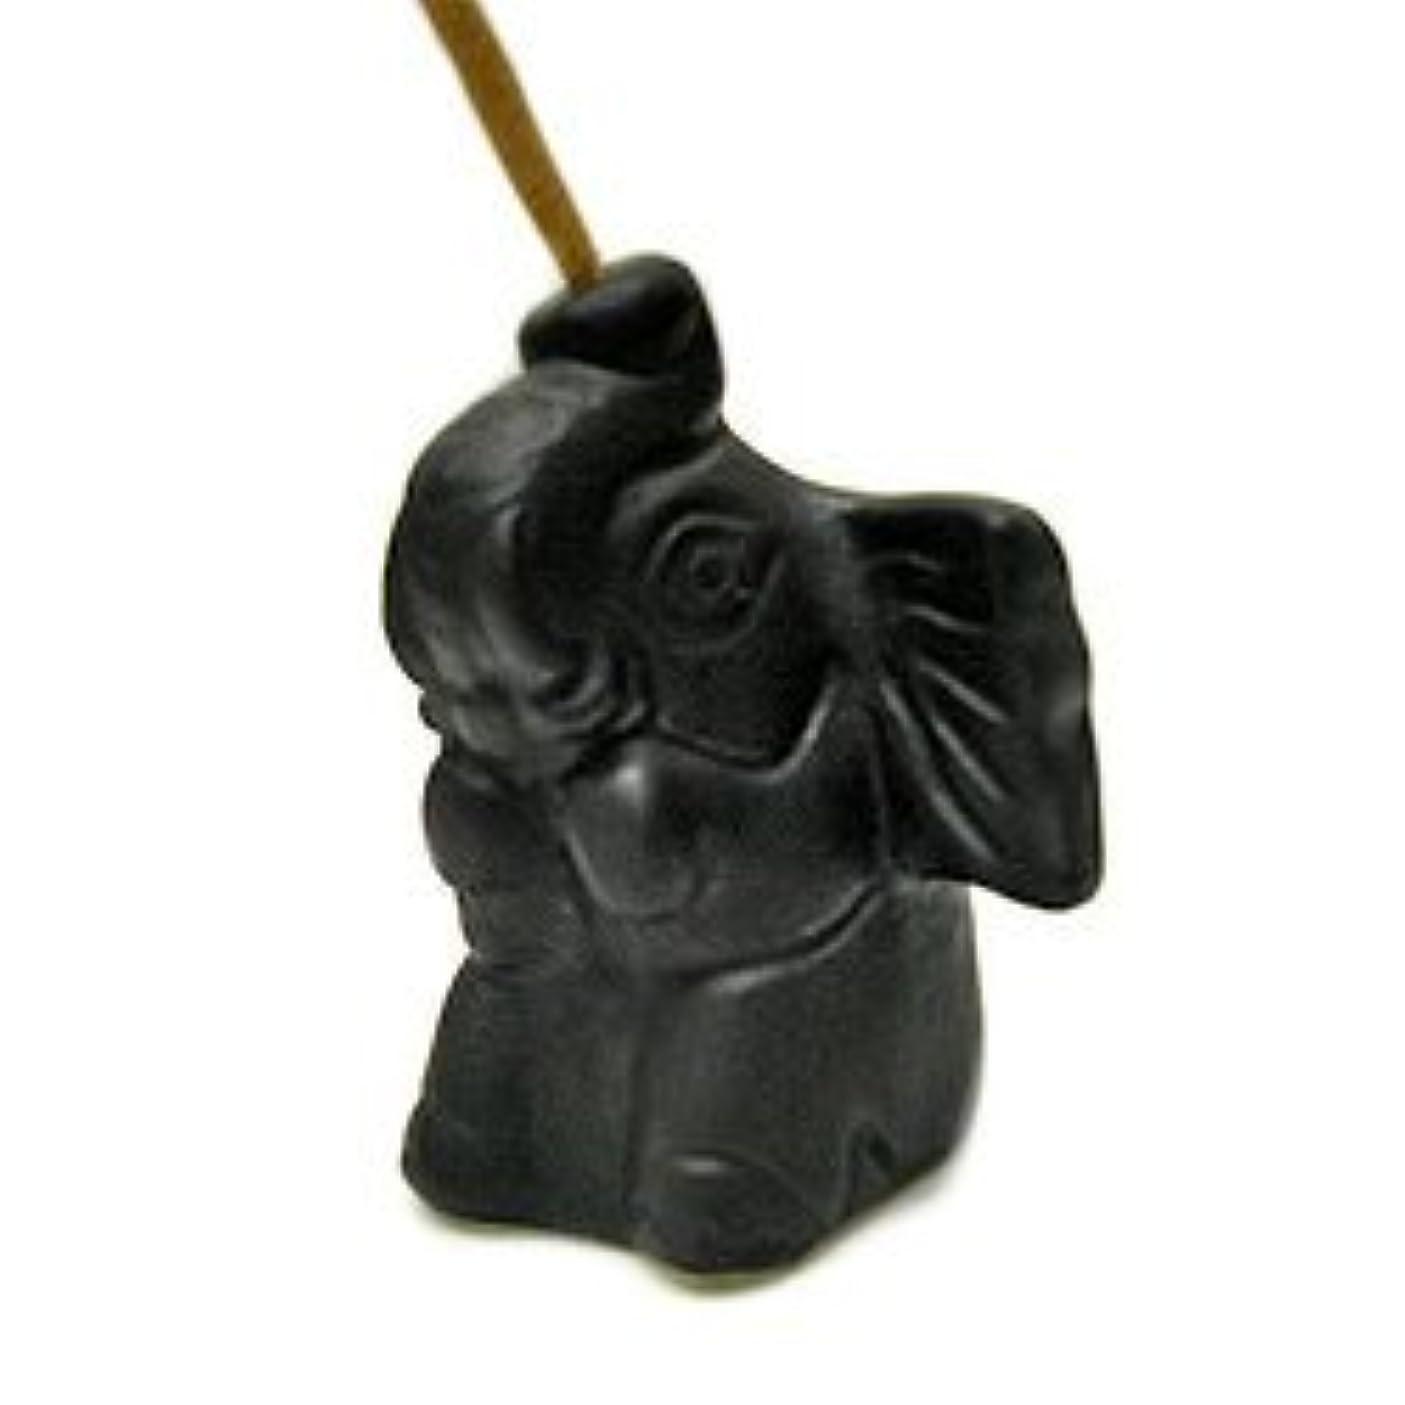 王位配管やりすぎ象さんのお香立て <黒> インセンスホルダー/スティックタイプ用お香立て?お香たて アジアン雑貨